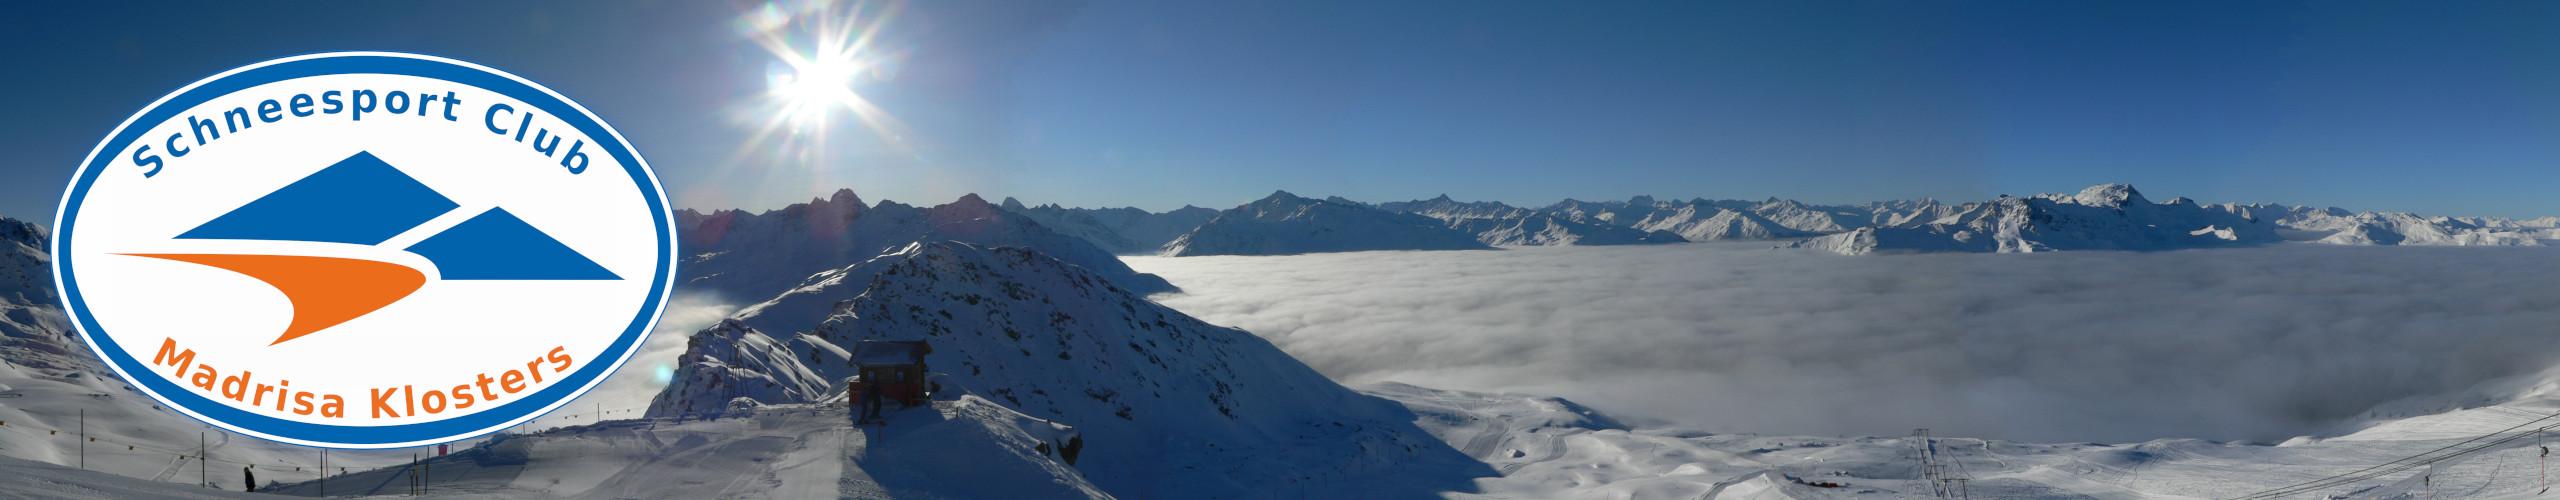 Schneesportclub Madrisa Klosters